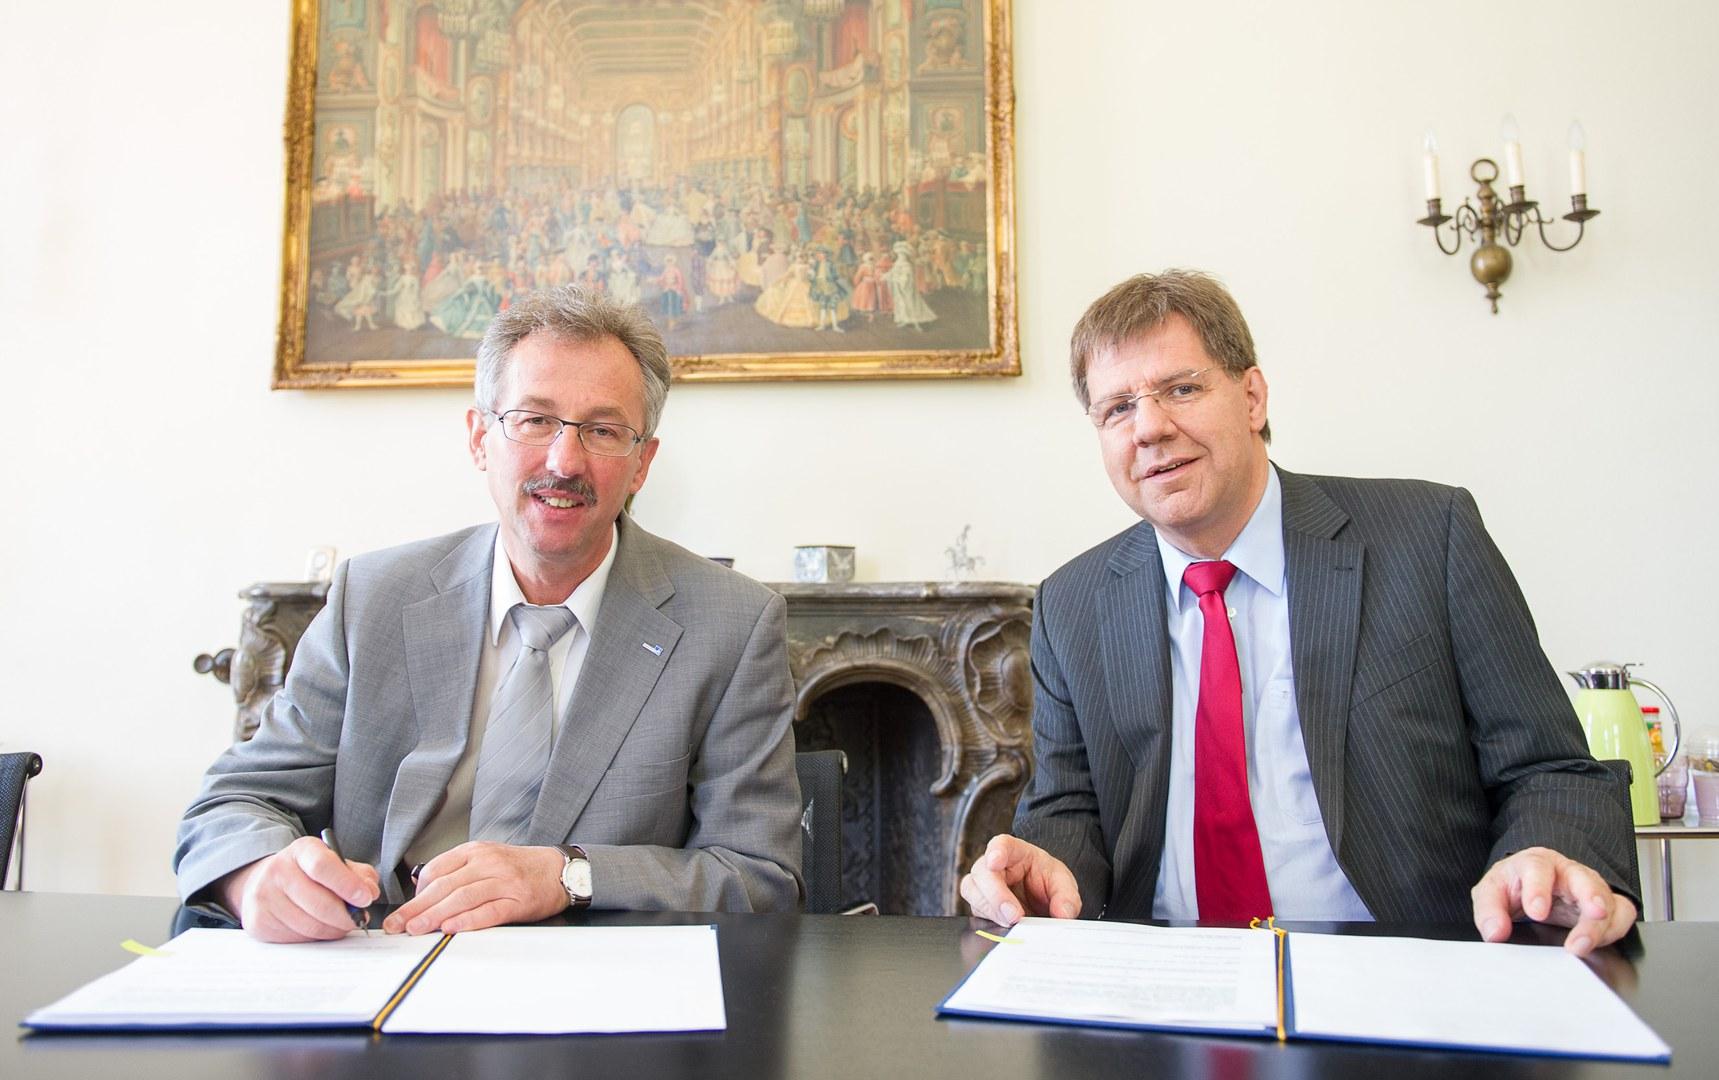 Unterzeichnen den Kooperationsvertrag: